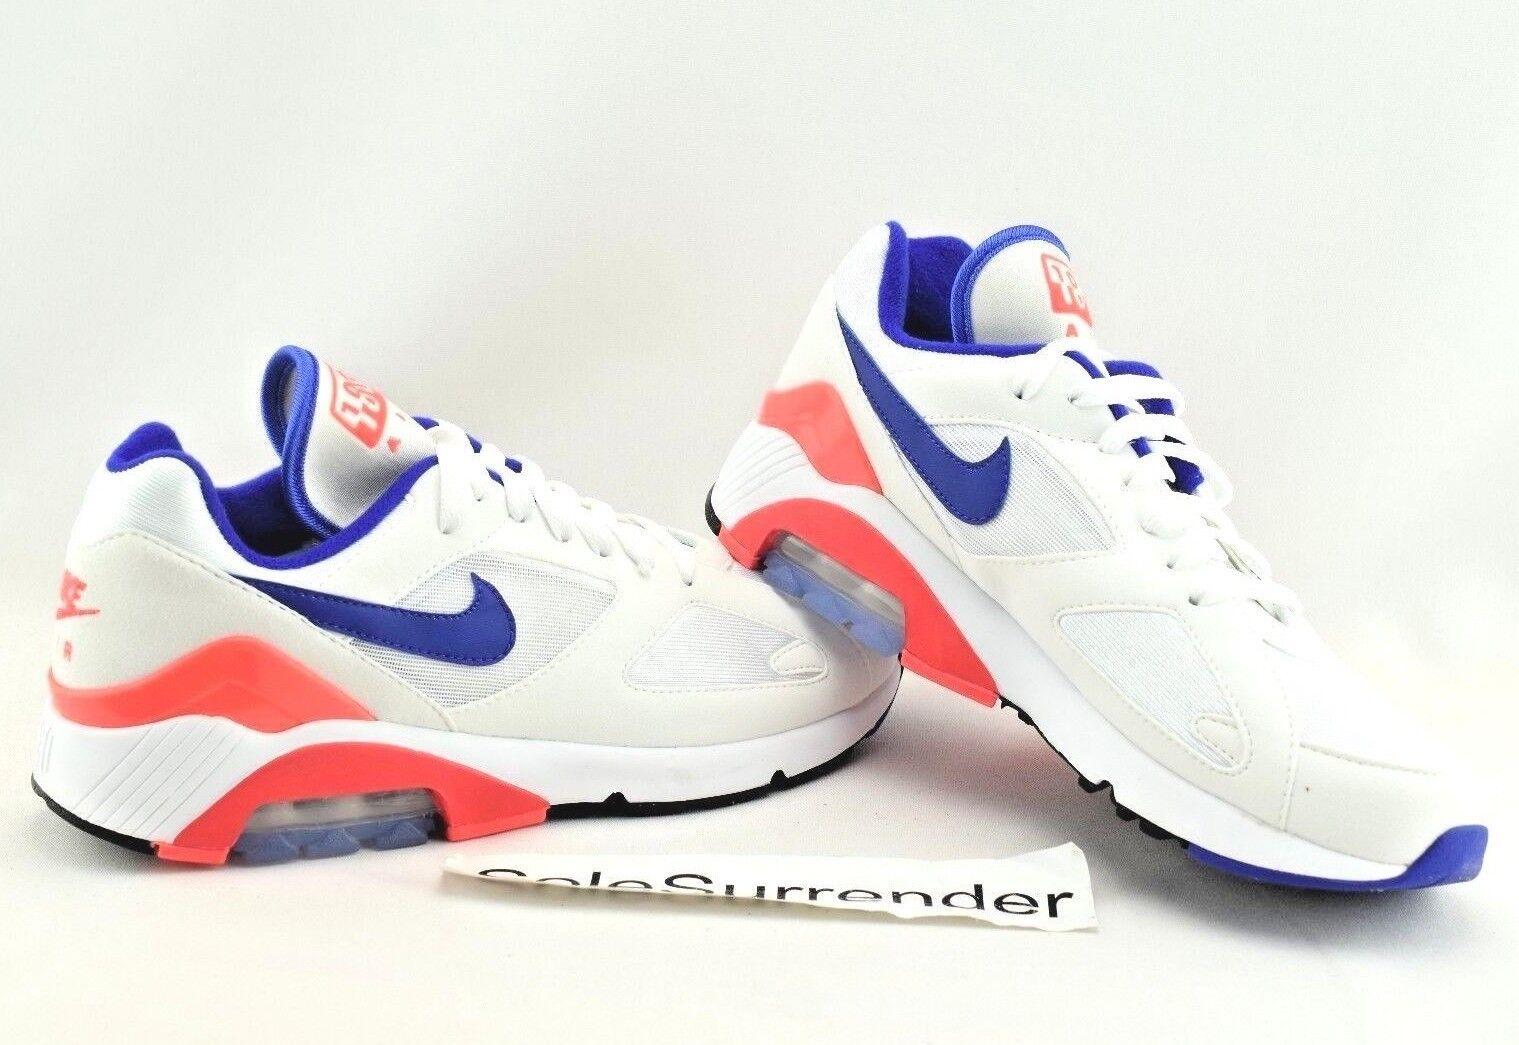 Nike air max. 180 - wählen wählen wählen sie größe - 615287-100 ultramarin - blau - rot. ad0533